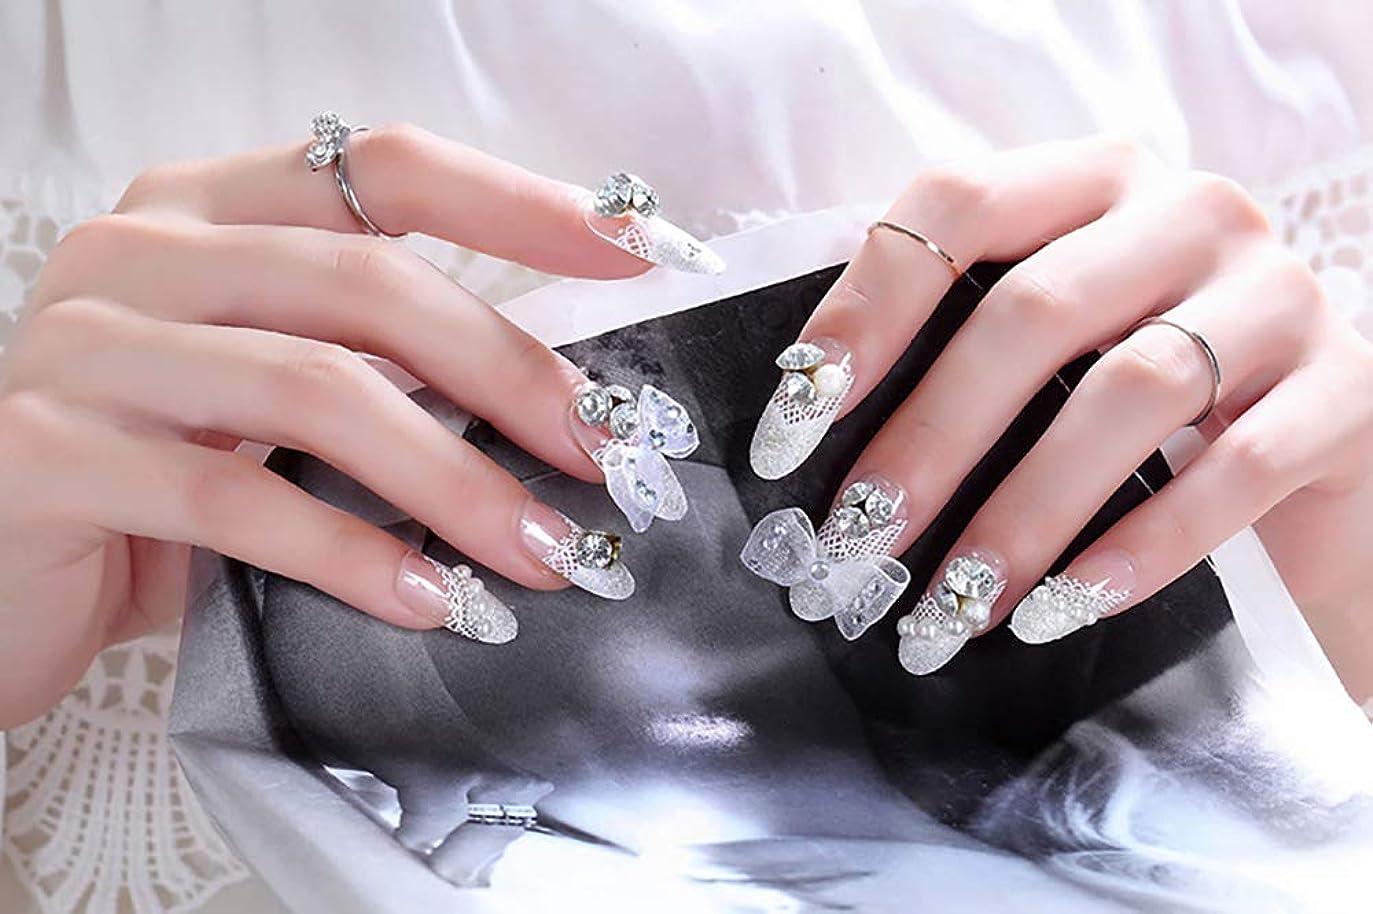 苦味キラウエア山既に24PCS ネイル花嫁 结婚する 長い偽の爪 ストーン?ビジュー 可愛い優雅ネイル (ホワイト)